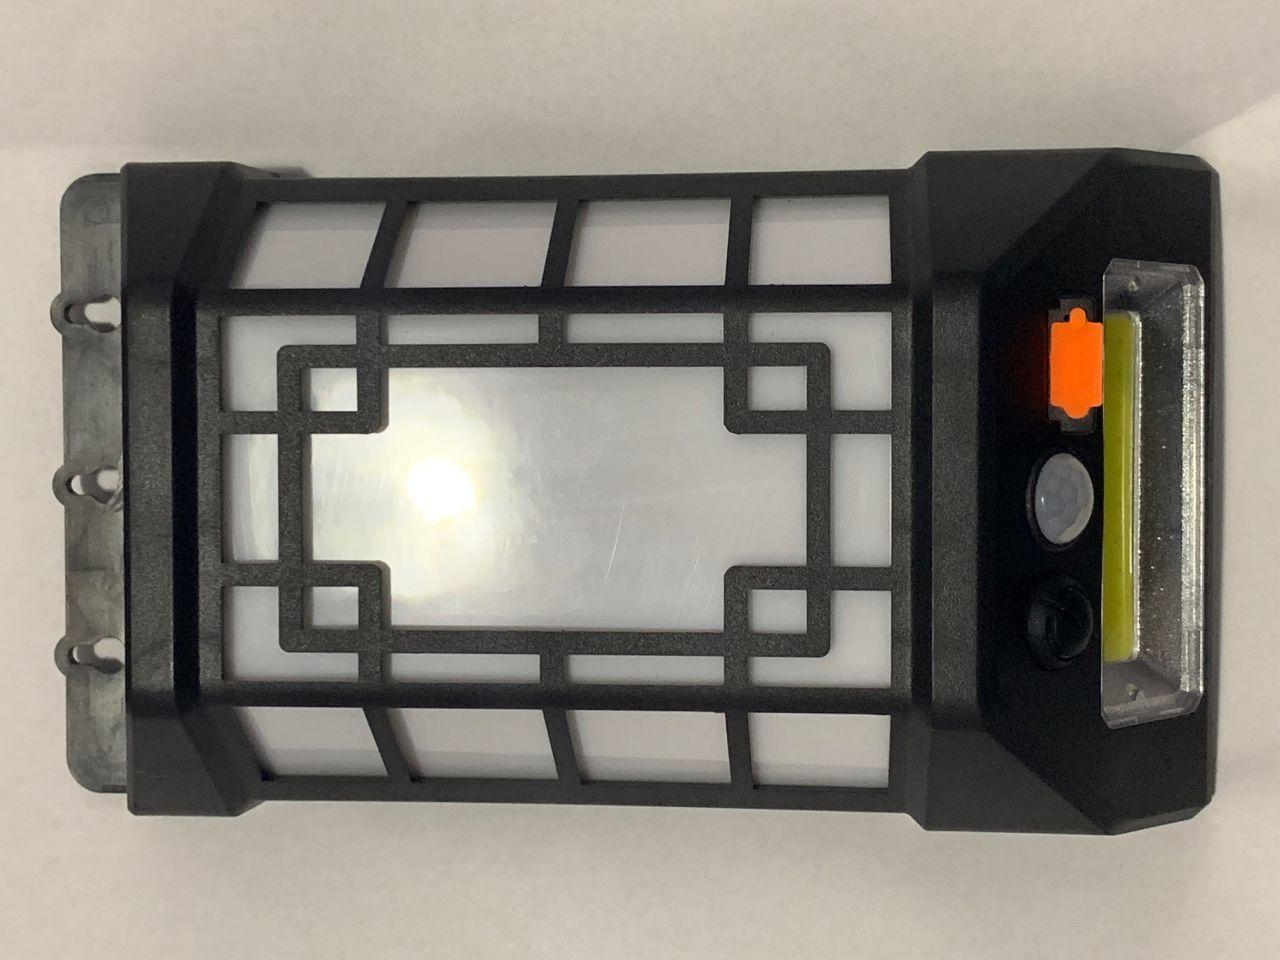 Vezeték nélküli Napelemes 6 LED +20 COB LED fali lámpa fény-mozgásérzékelős - SH-802-Fehér